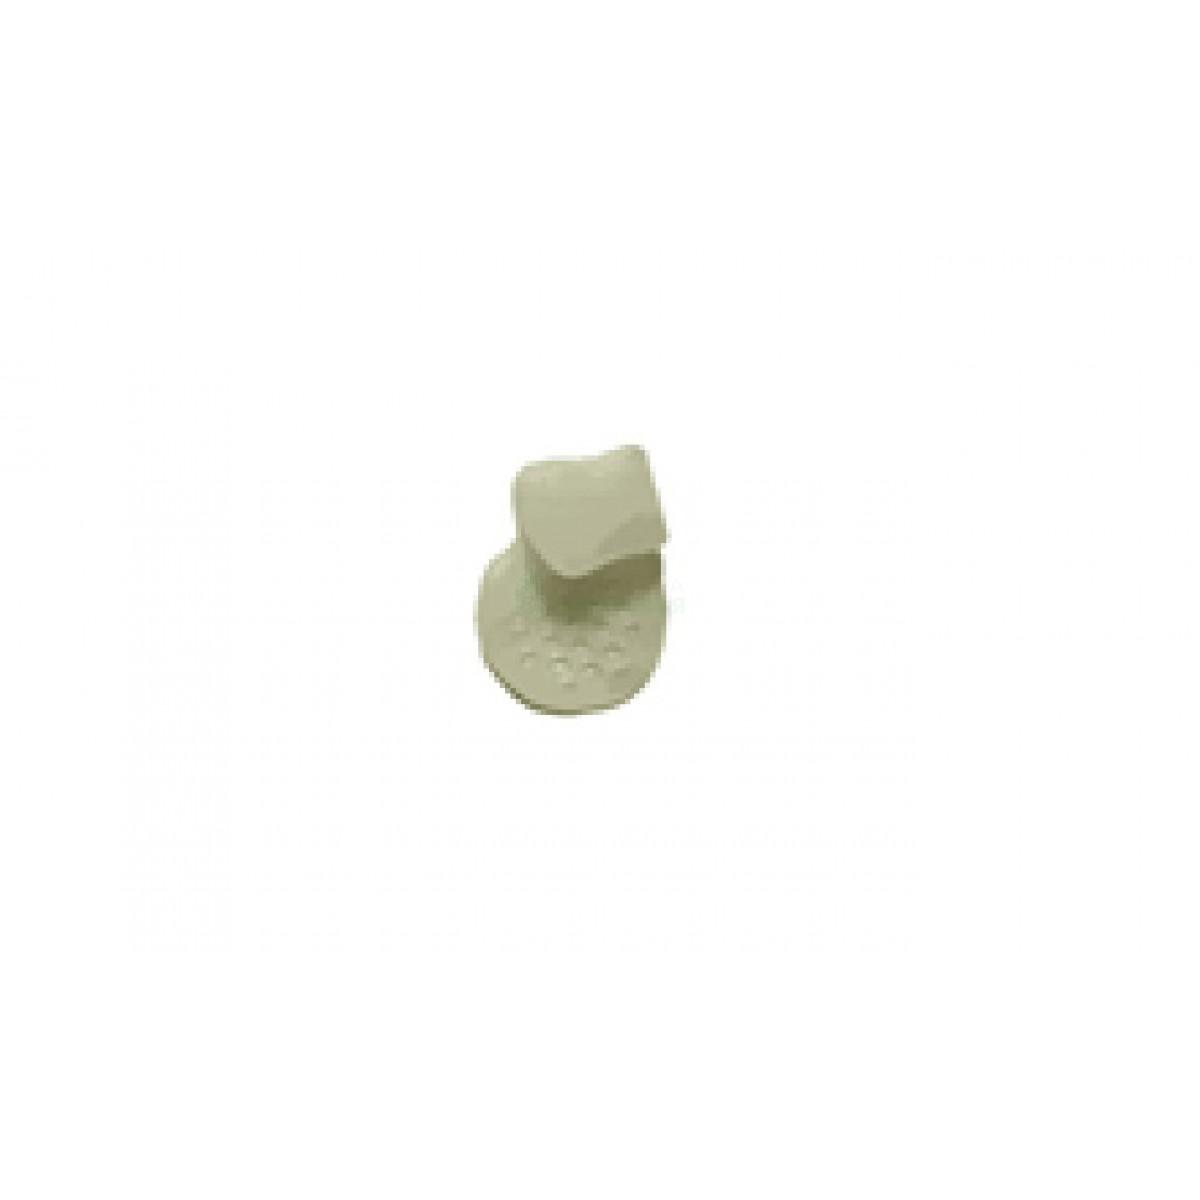 Протектор пальца с межпальцевой перегородкой